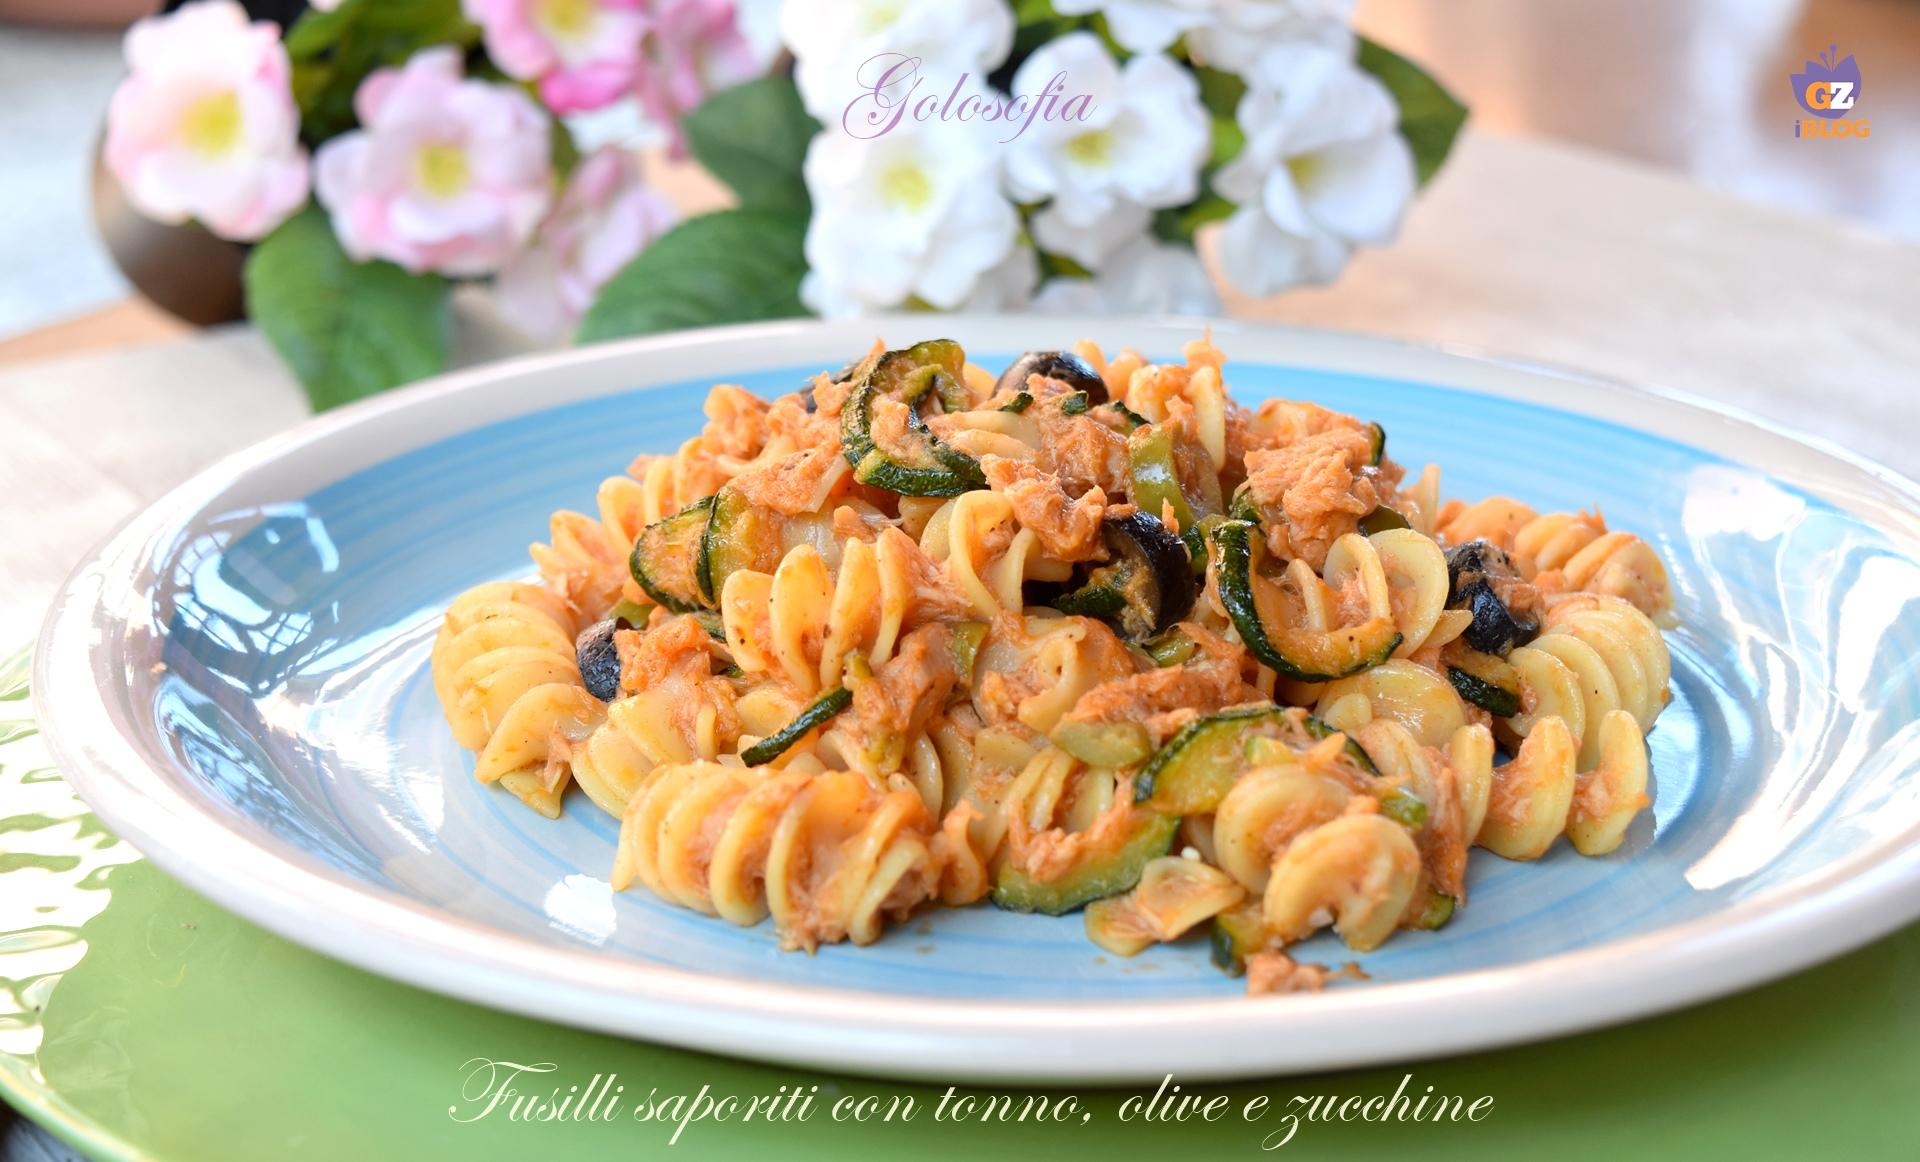 Fusilli saporiti con tonno, olive e zucchine-ricetta primi-golosofia